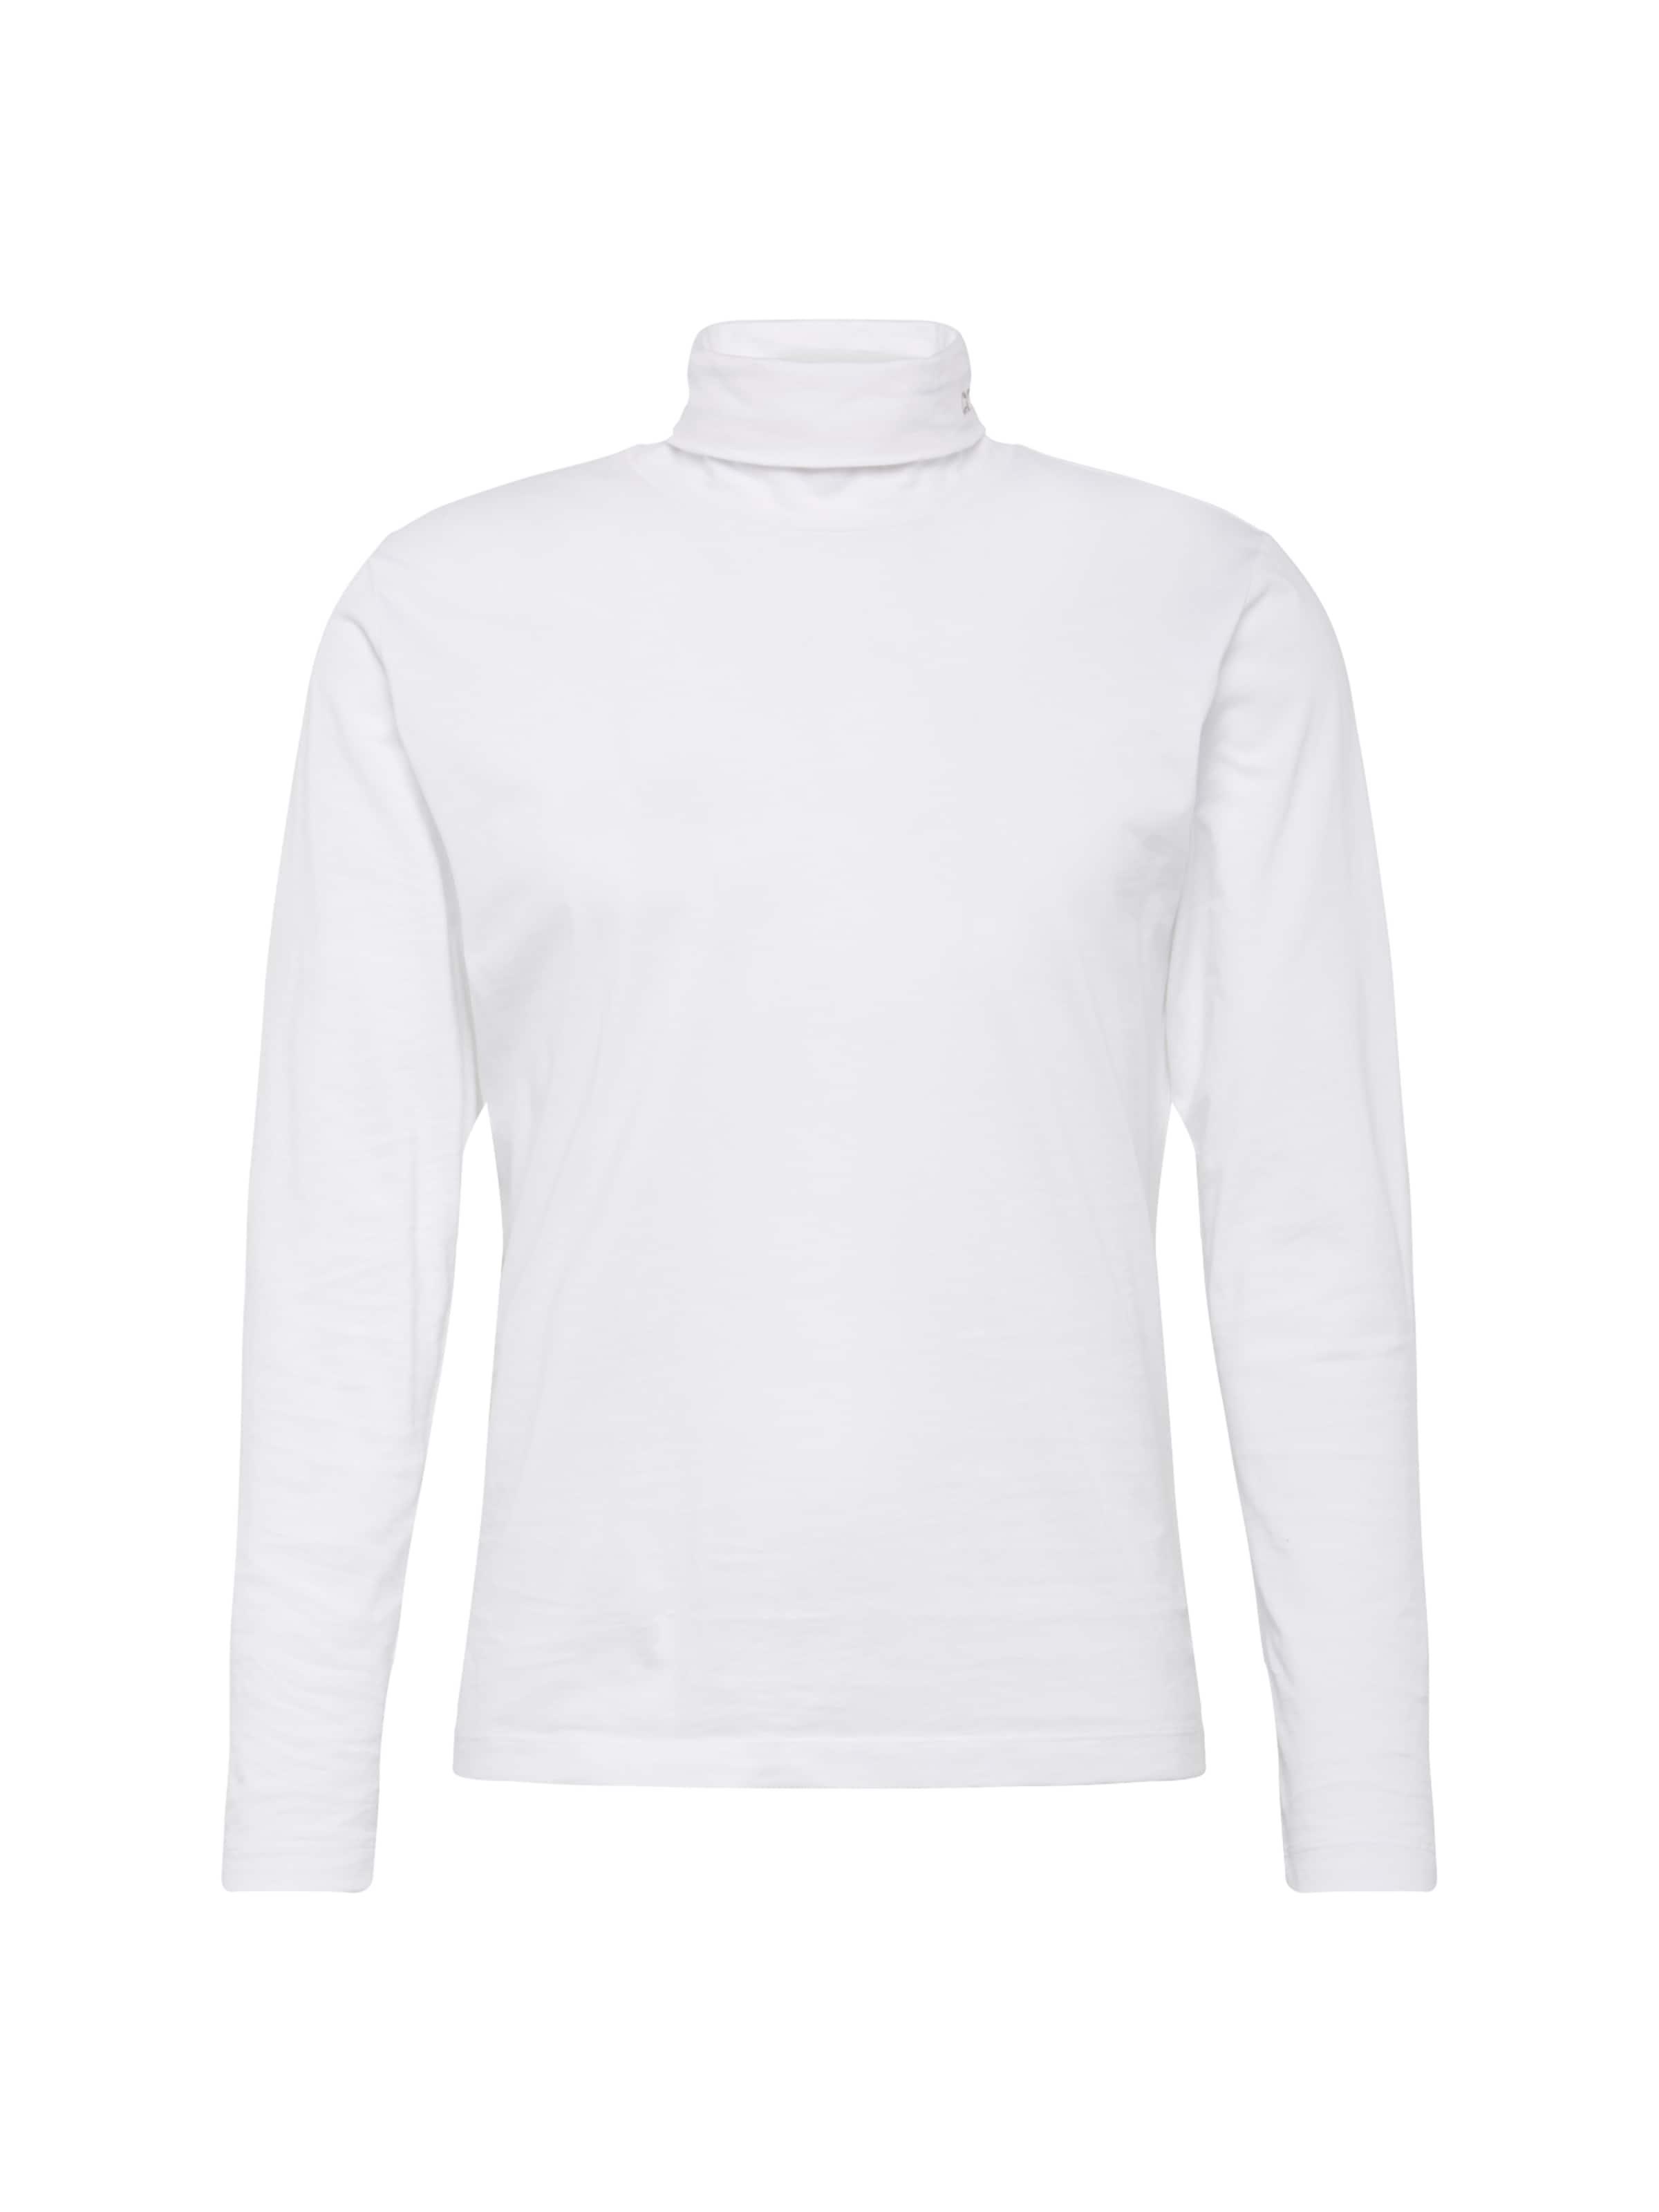 Weiß Tn In 'ckj Shirt Ls' Jeans Calvin Neck Slim Embroidery Klein yfYbg76